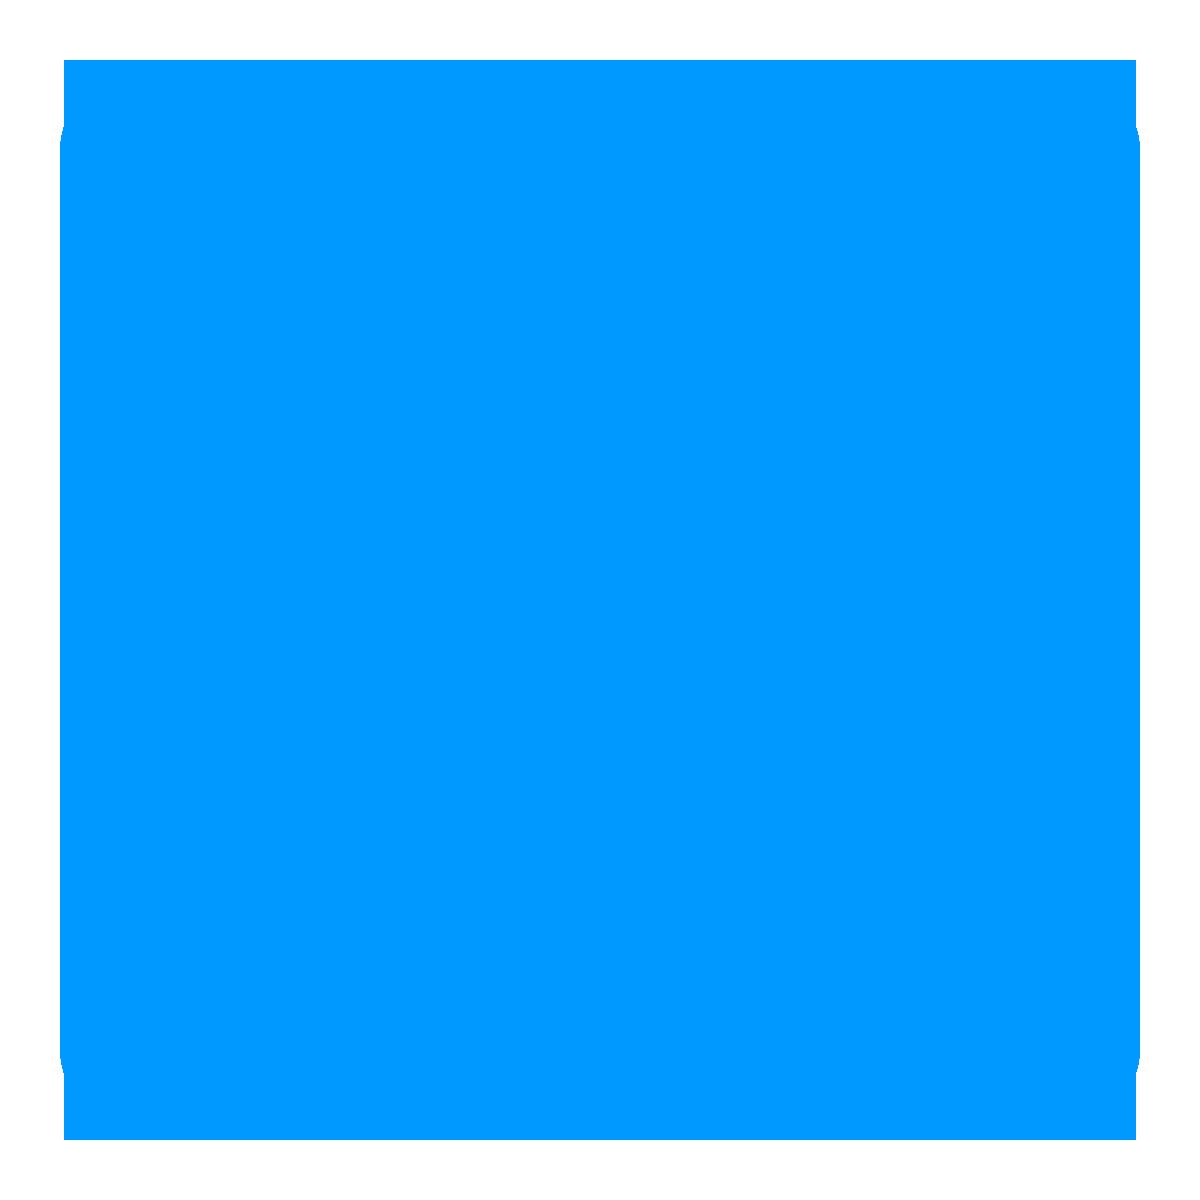 ContactBlue